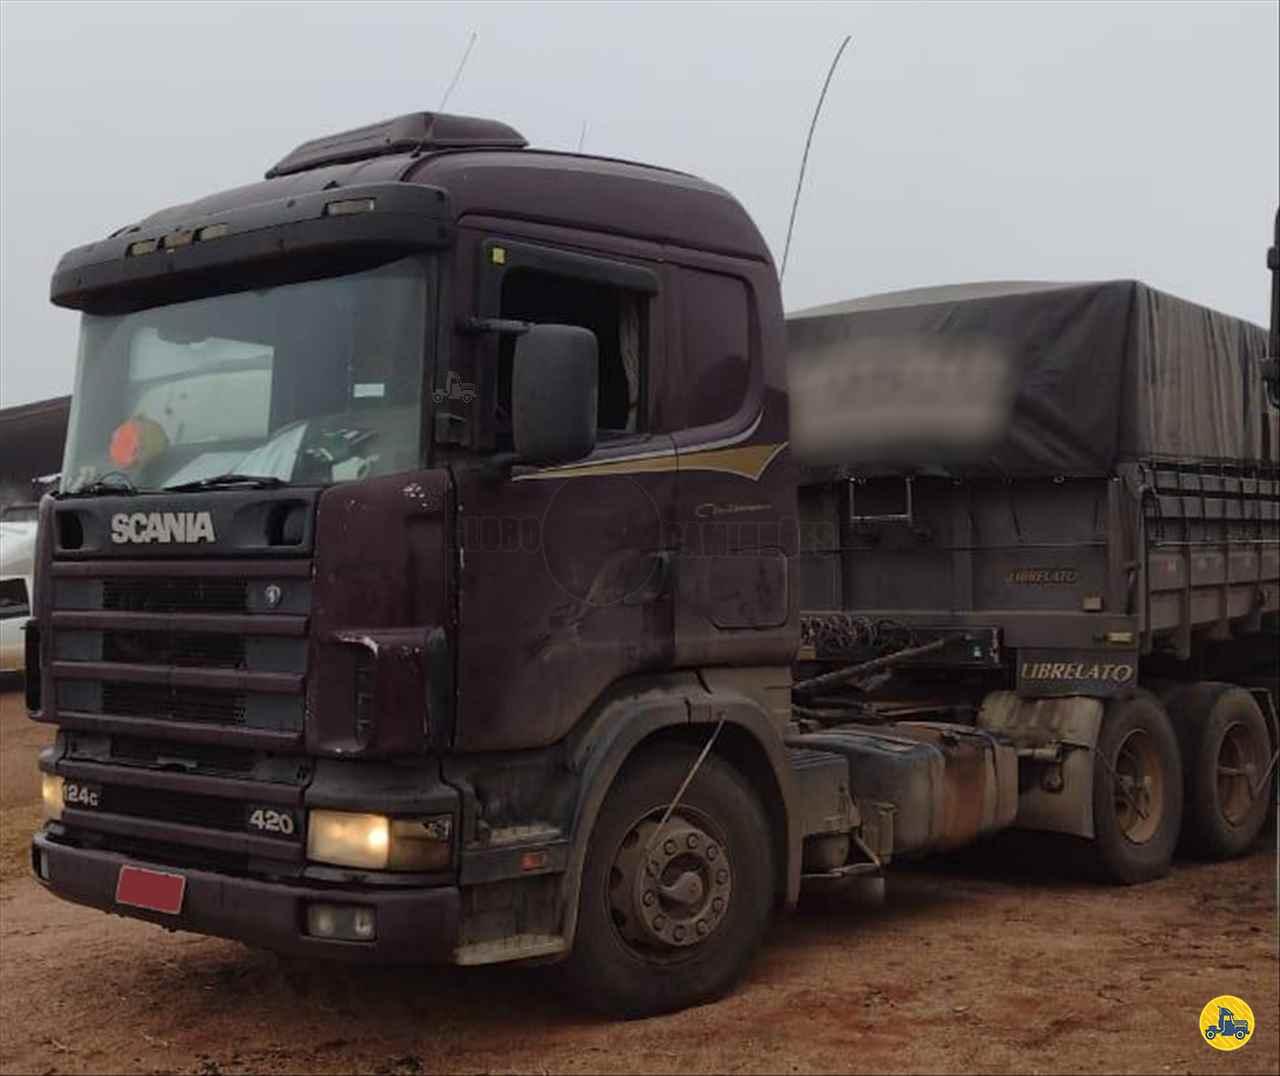 CAMINHAO SCANIA SCANIA 124 420 Cavalo Mecânico Truck 6x2 Globo Caminhões Helio Maringá MARINGA PARANÁ PR